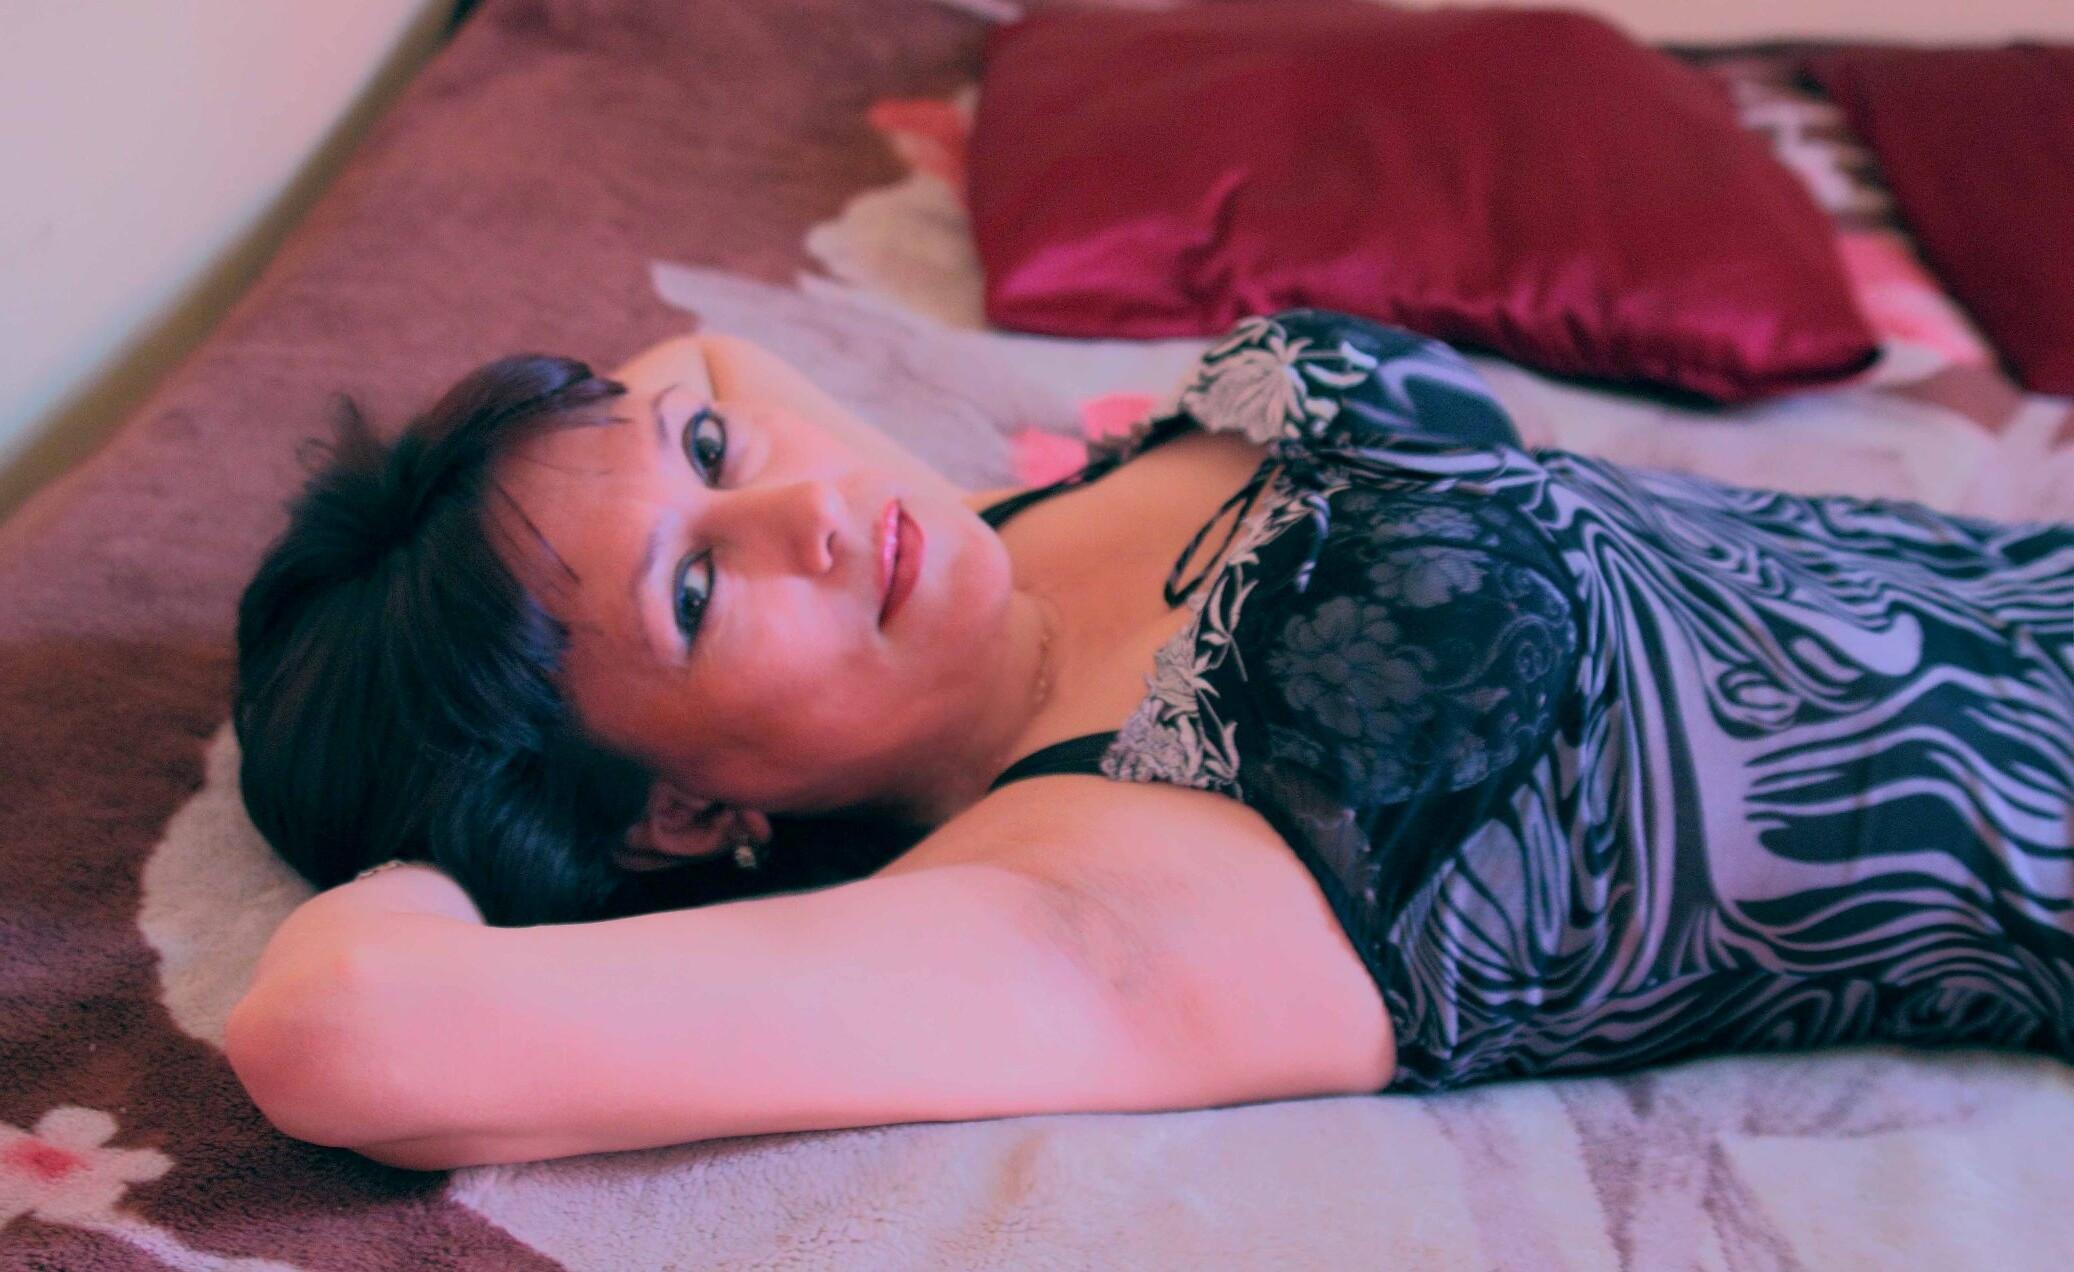 Эскорт услуги в Мурманске Снять эскорт проститутку